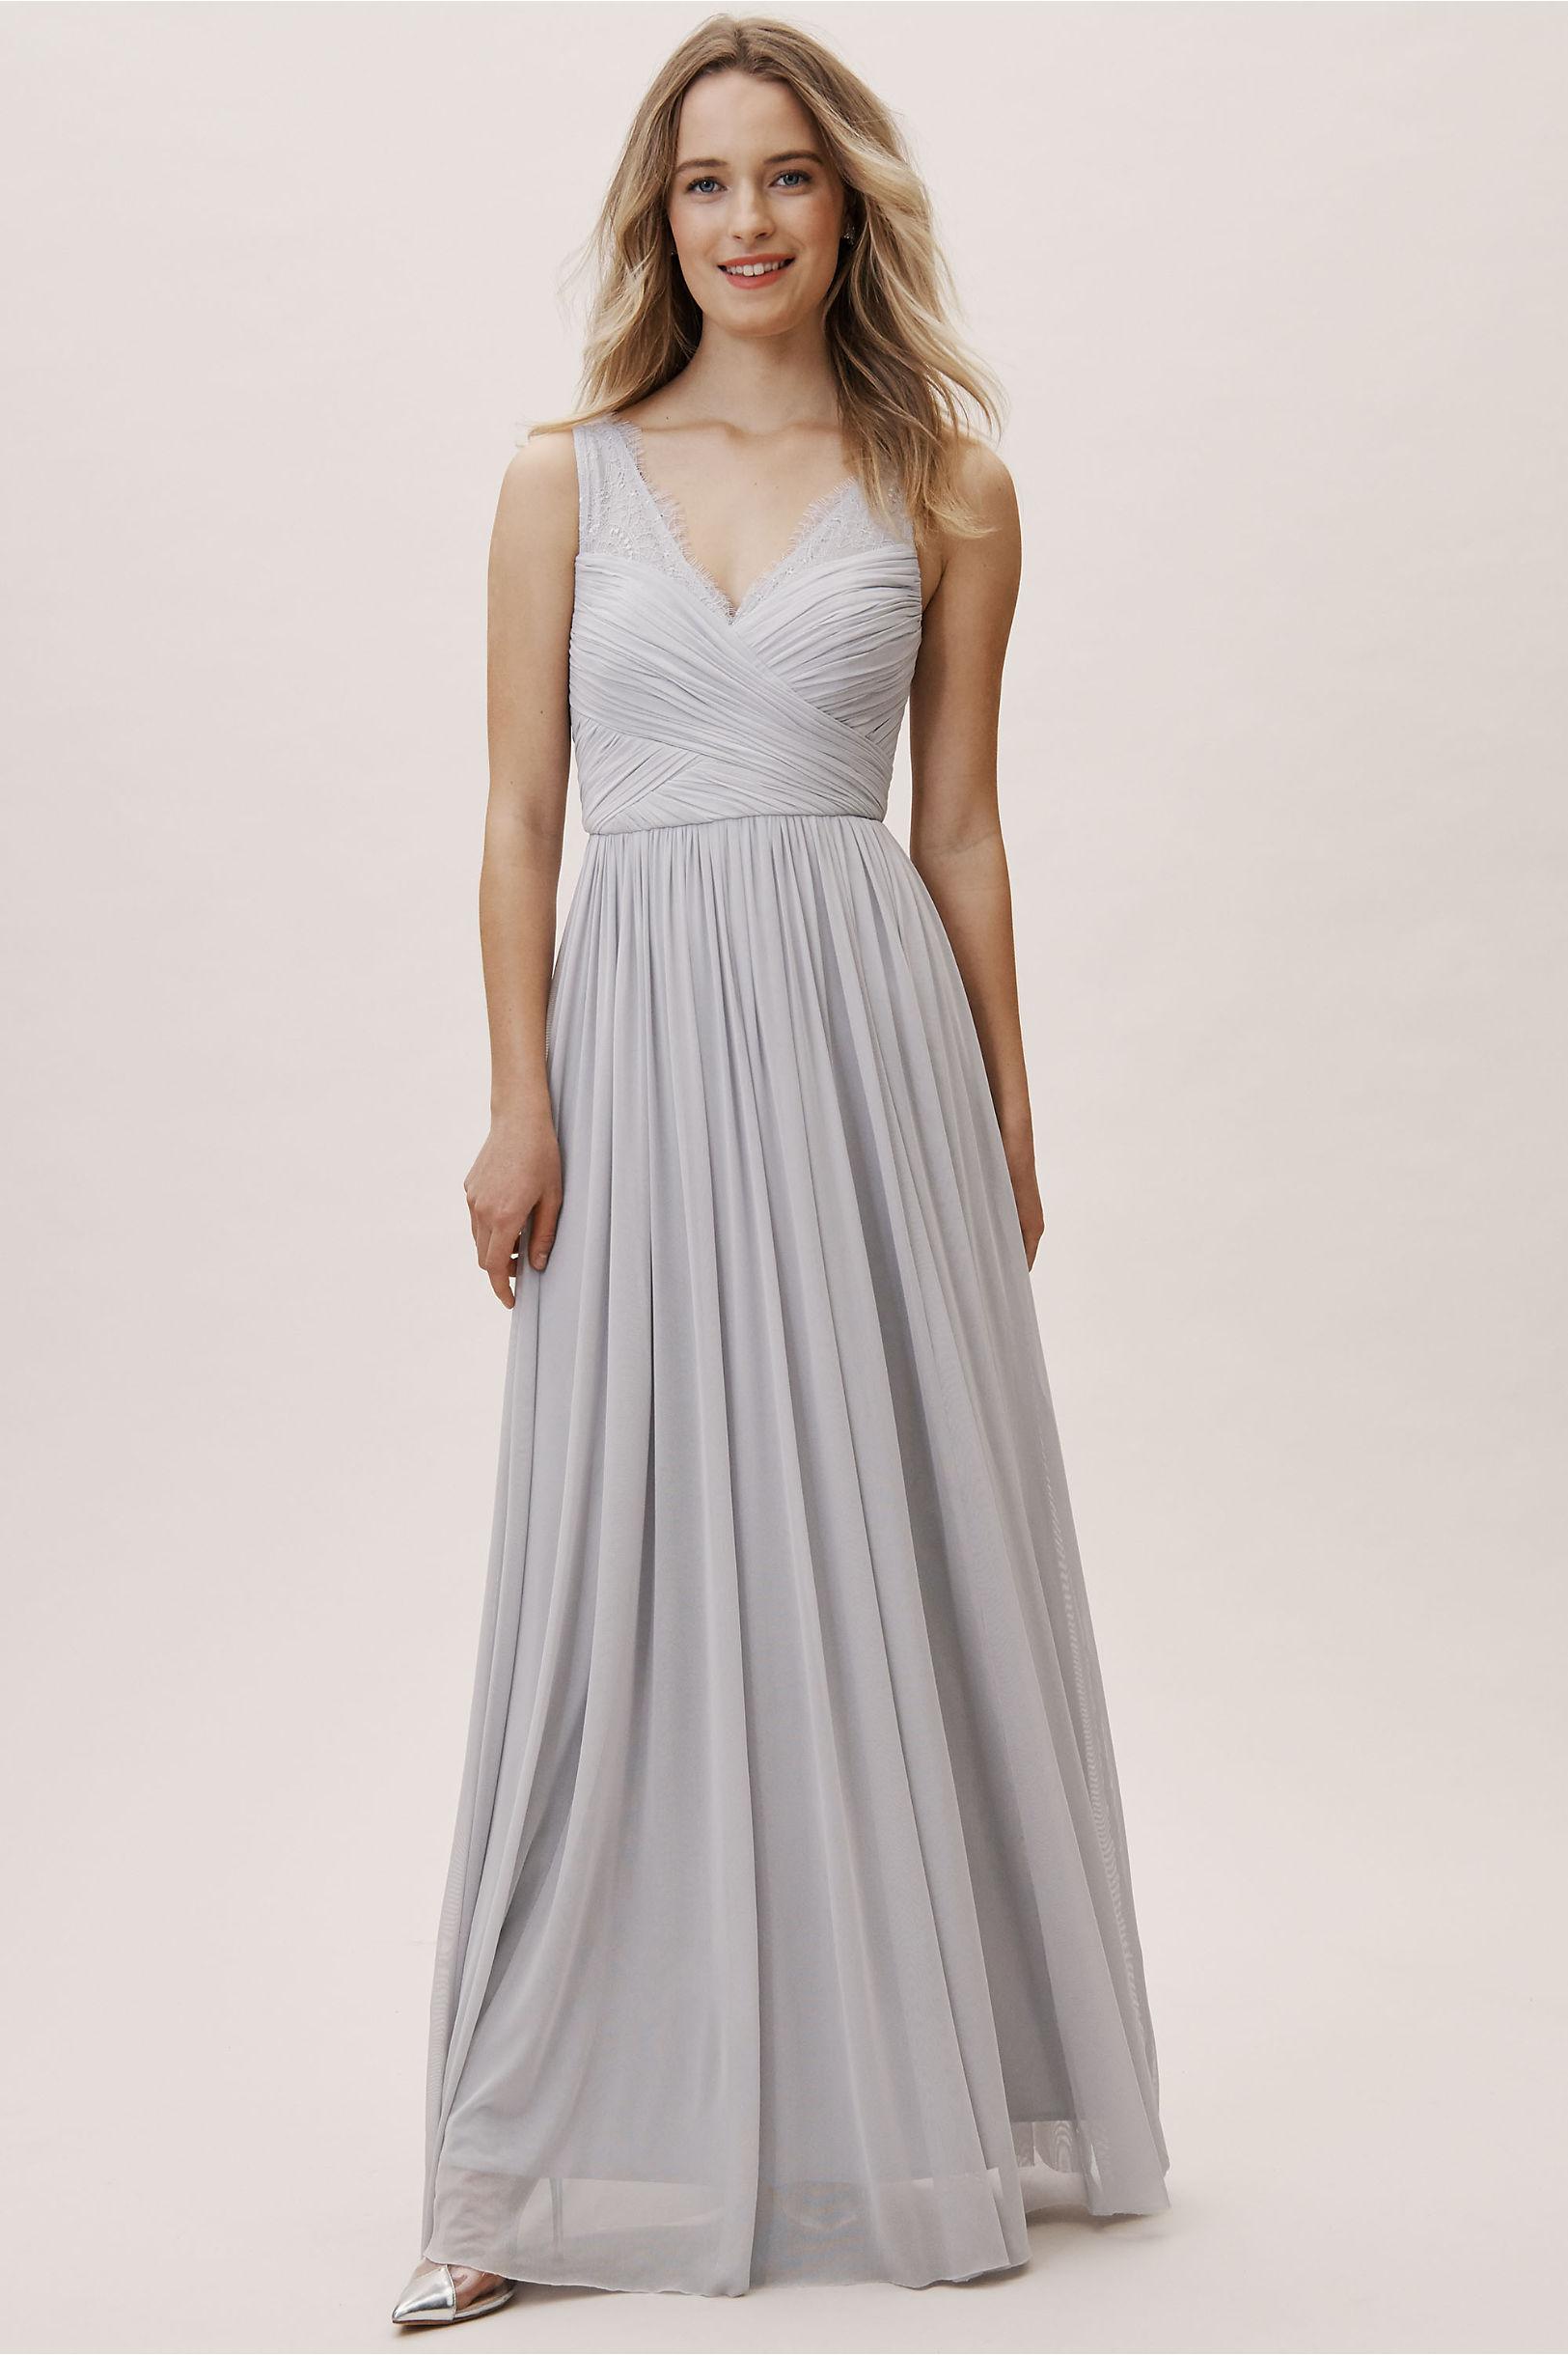 3de73cc67a9 Nouvelle Fleur Blush in Bridesmaids   Bridal Party